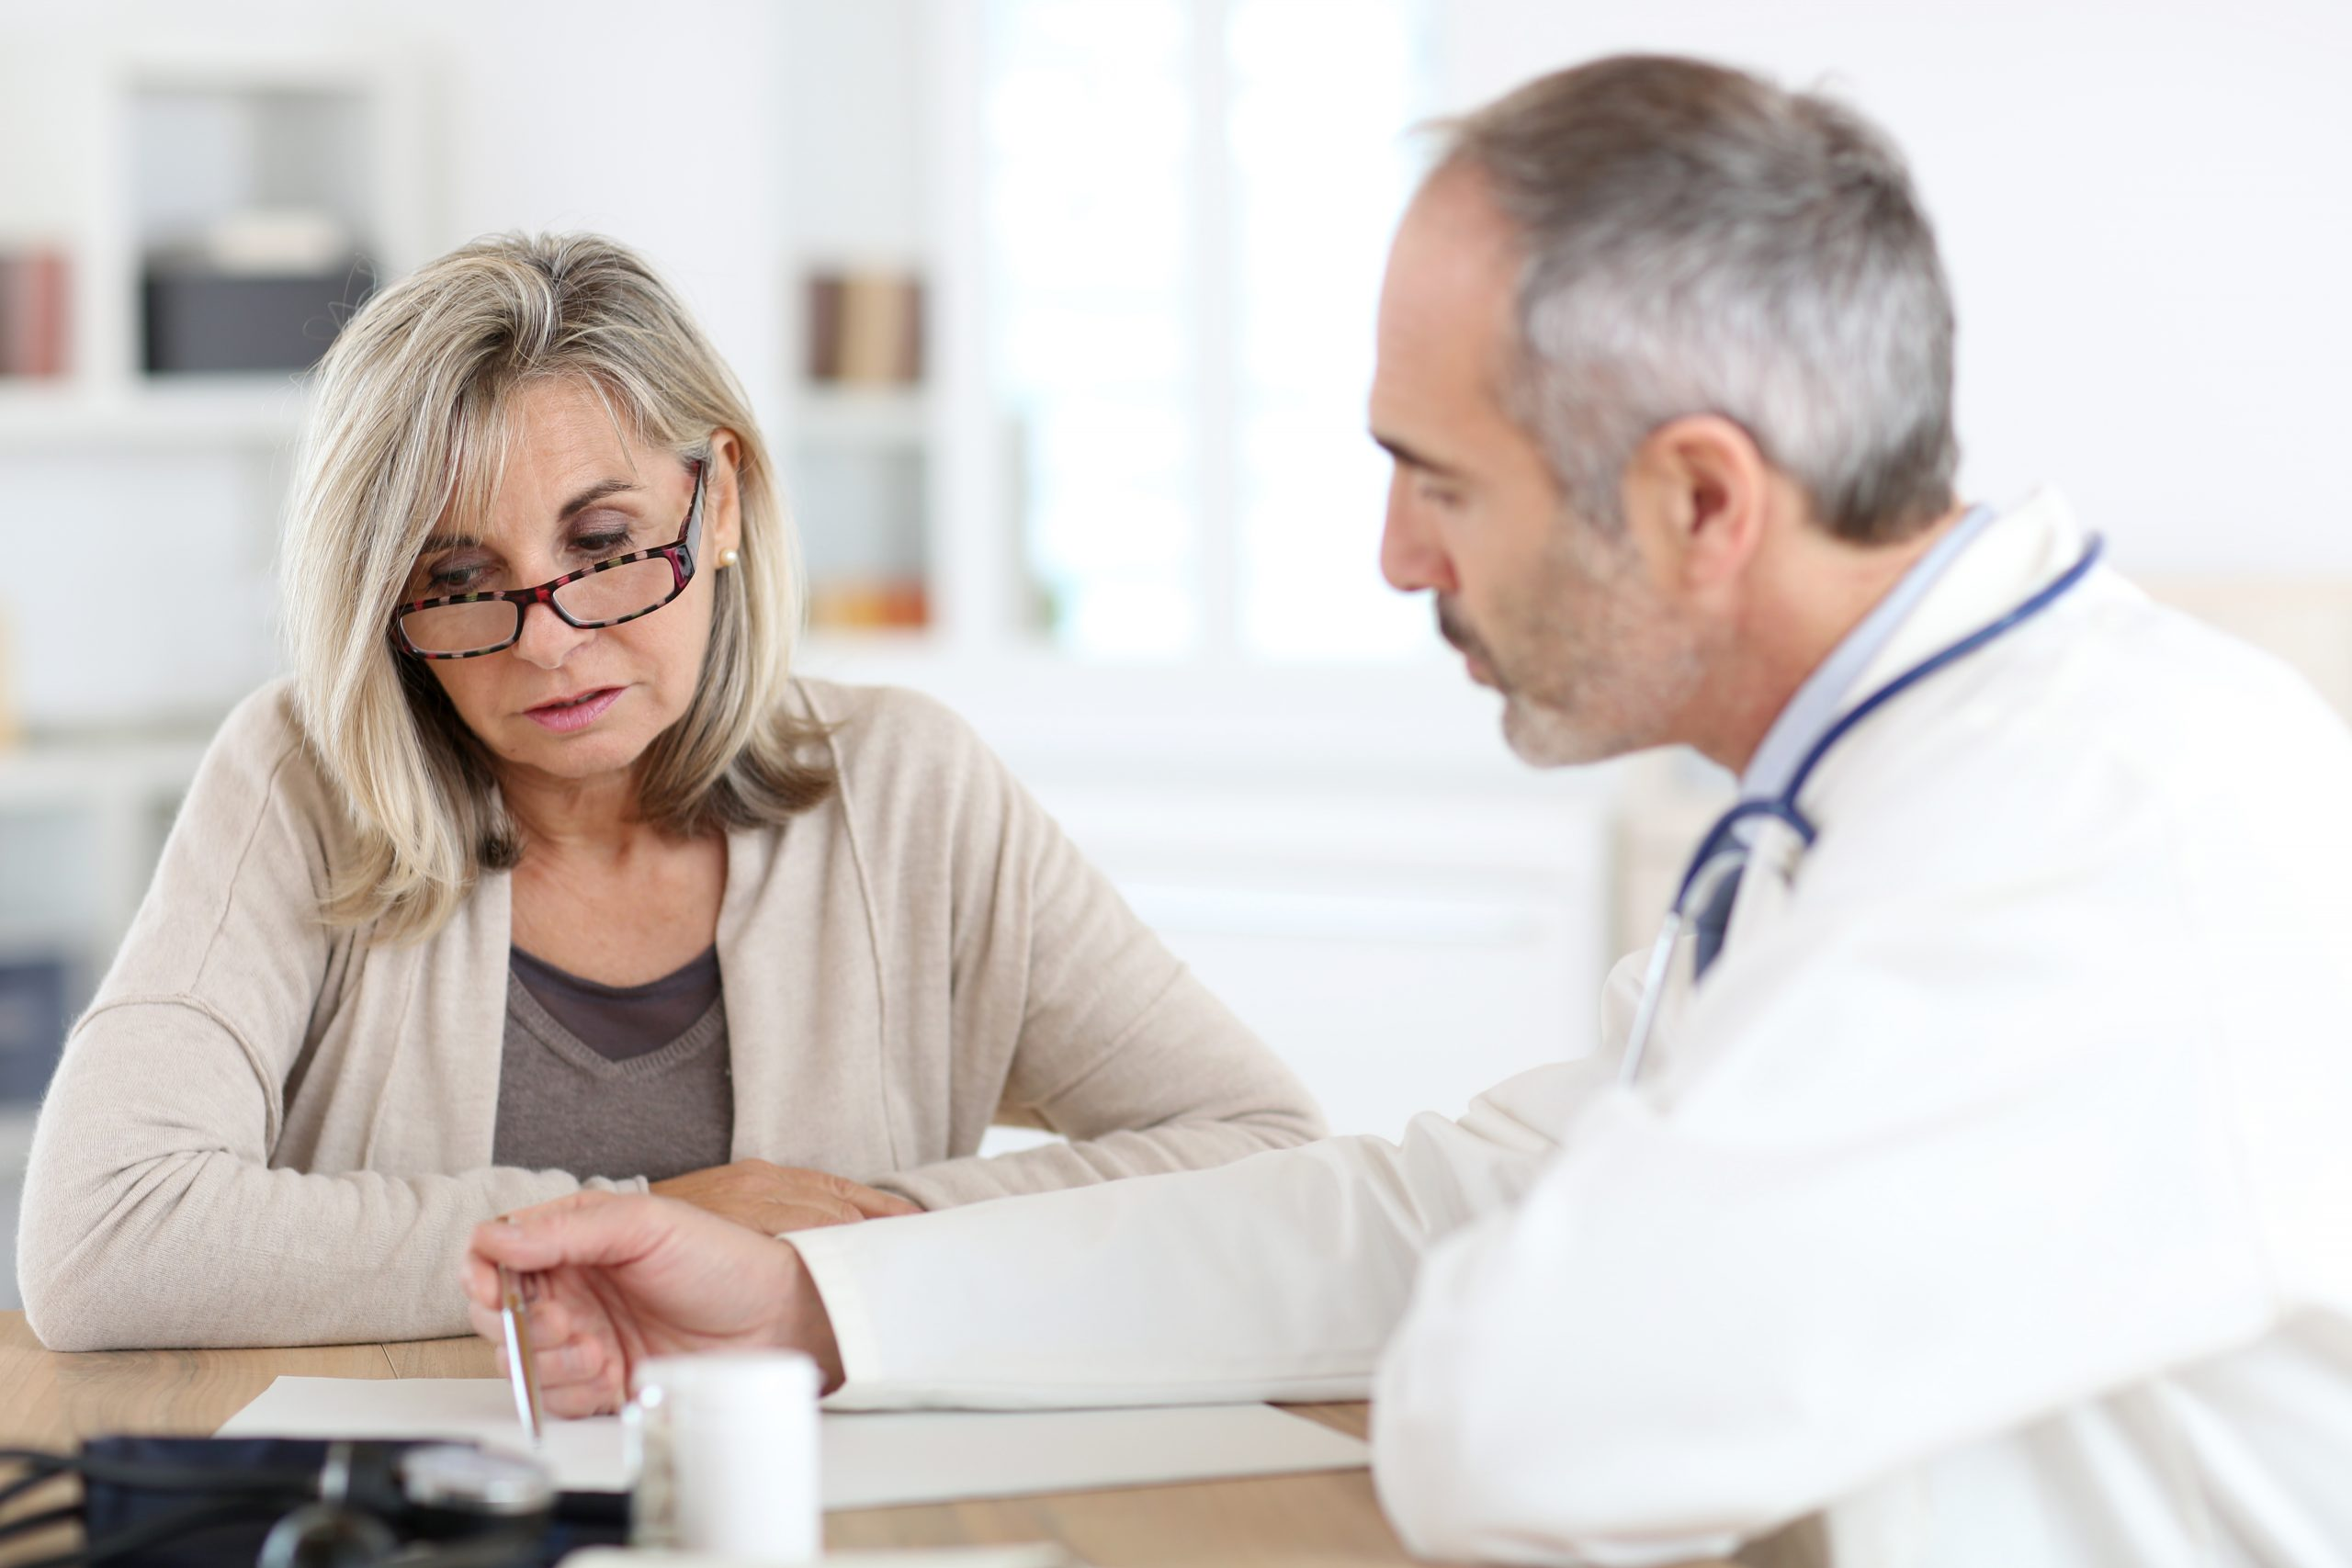 ¿Qué diferencia hay entre un carcinoma in situ y un carcinoma ductal infiltrante?